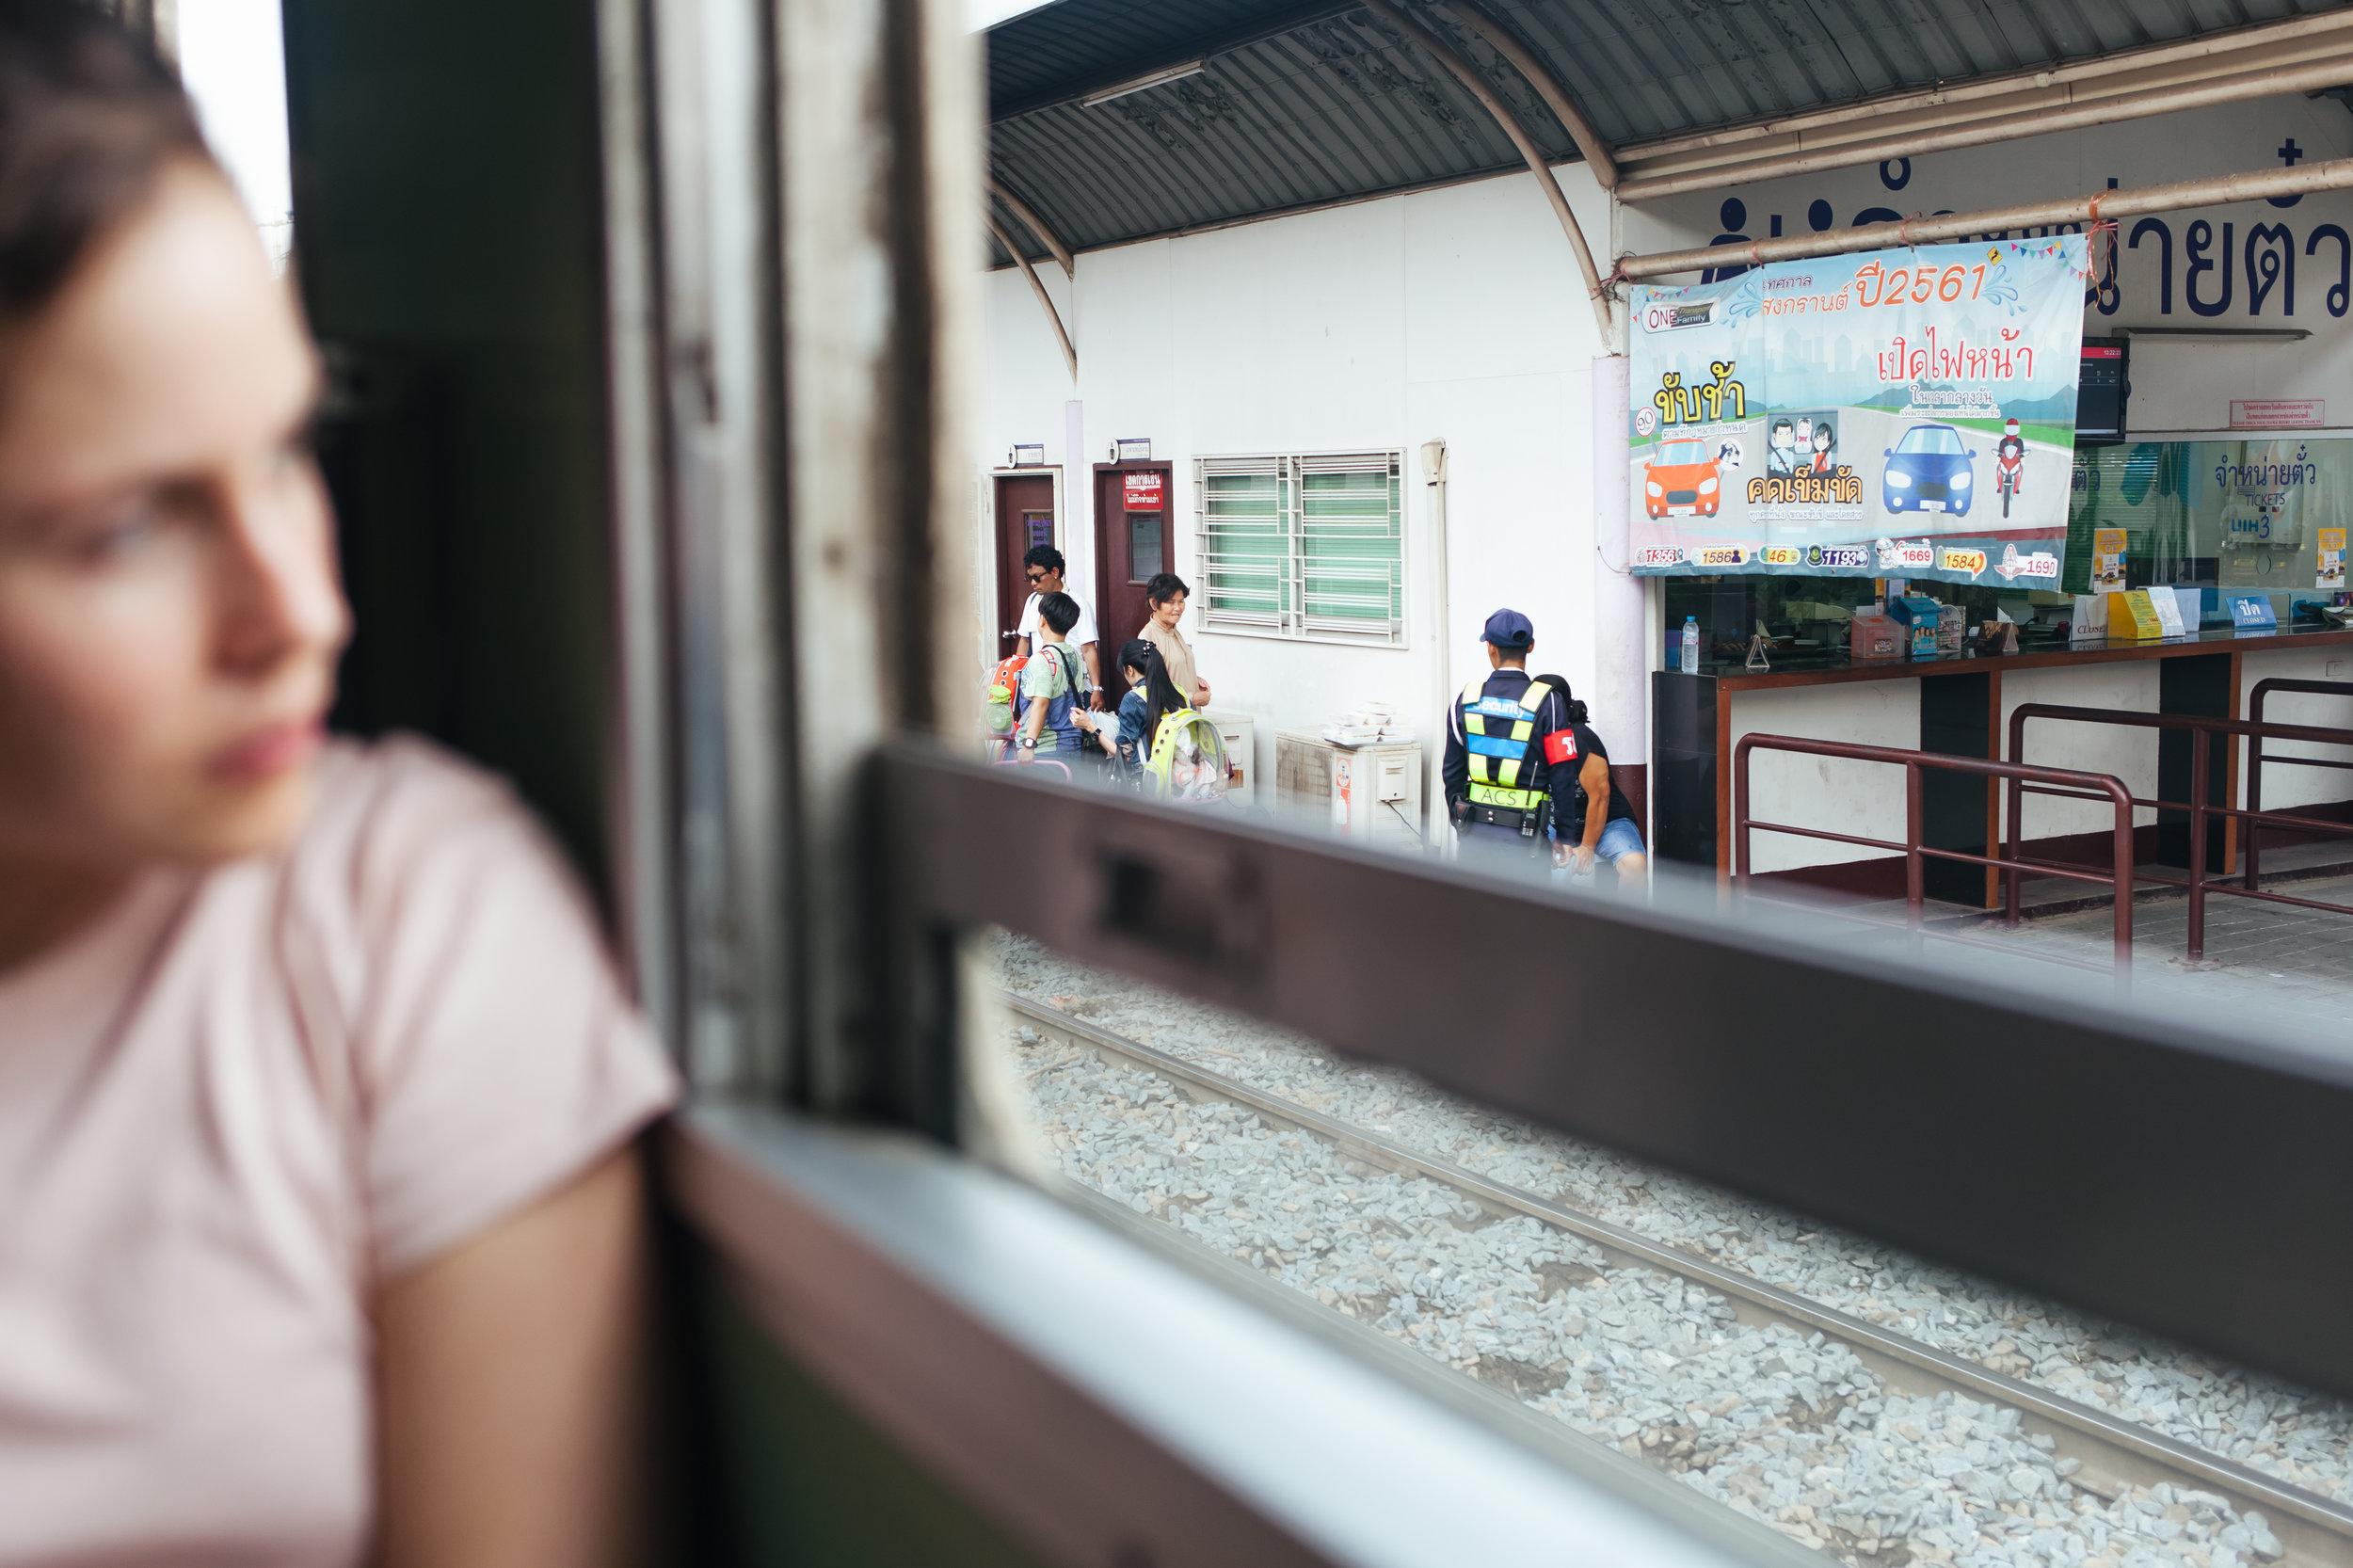 thailand_lampang_ayuthaya_train (59 of 77).jpg